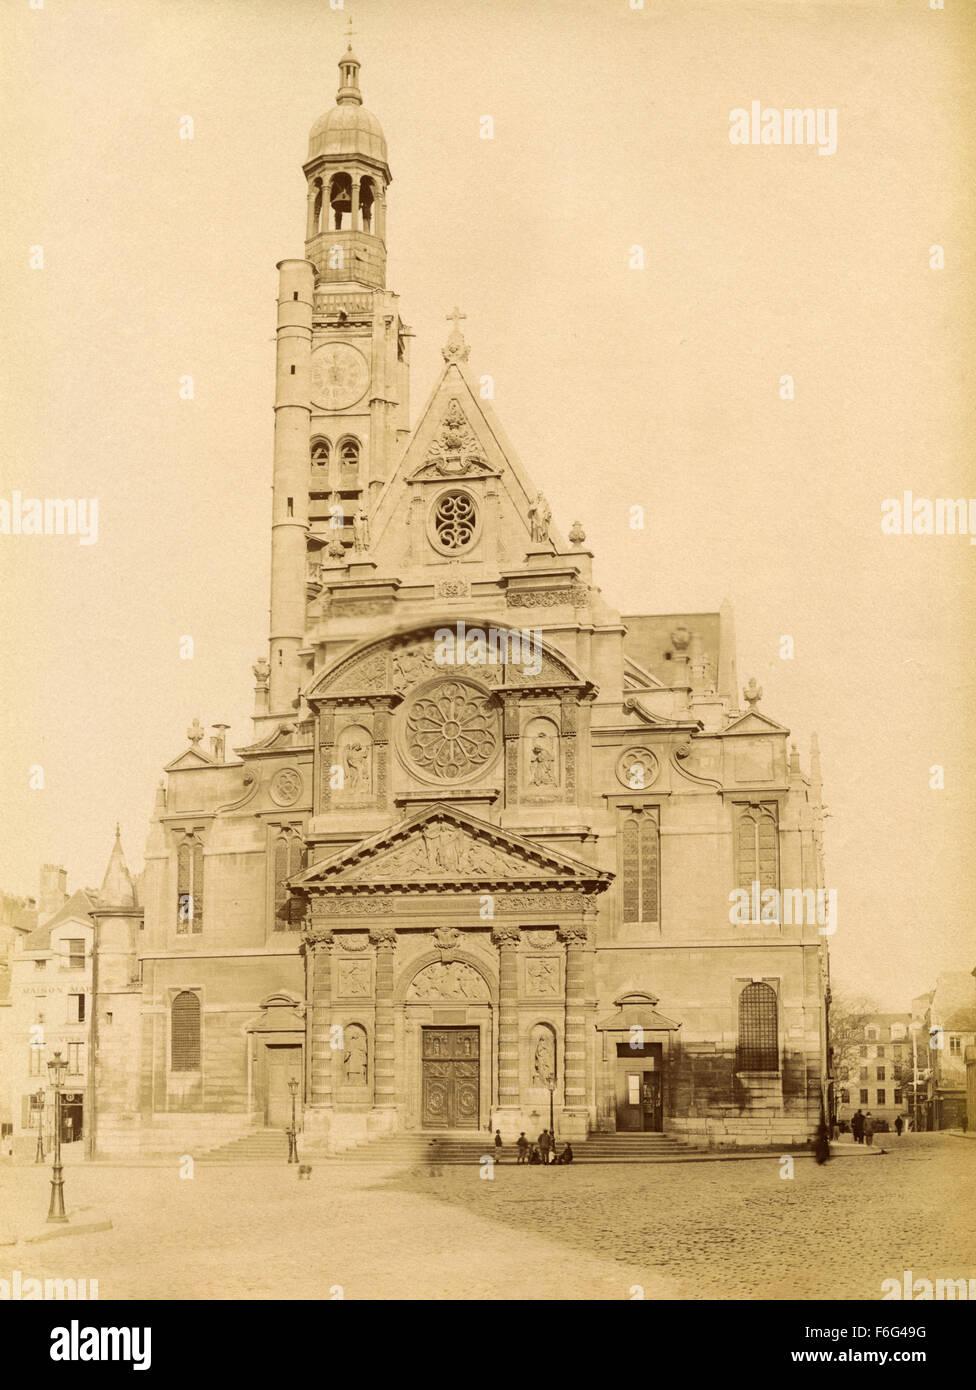 The church of Saint Etienne du Mont, Paris, France - Stock Image